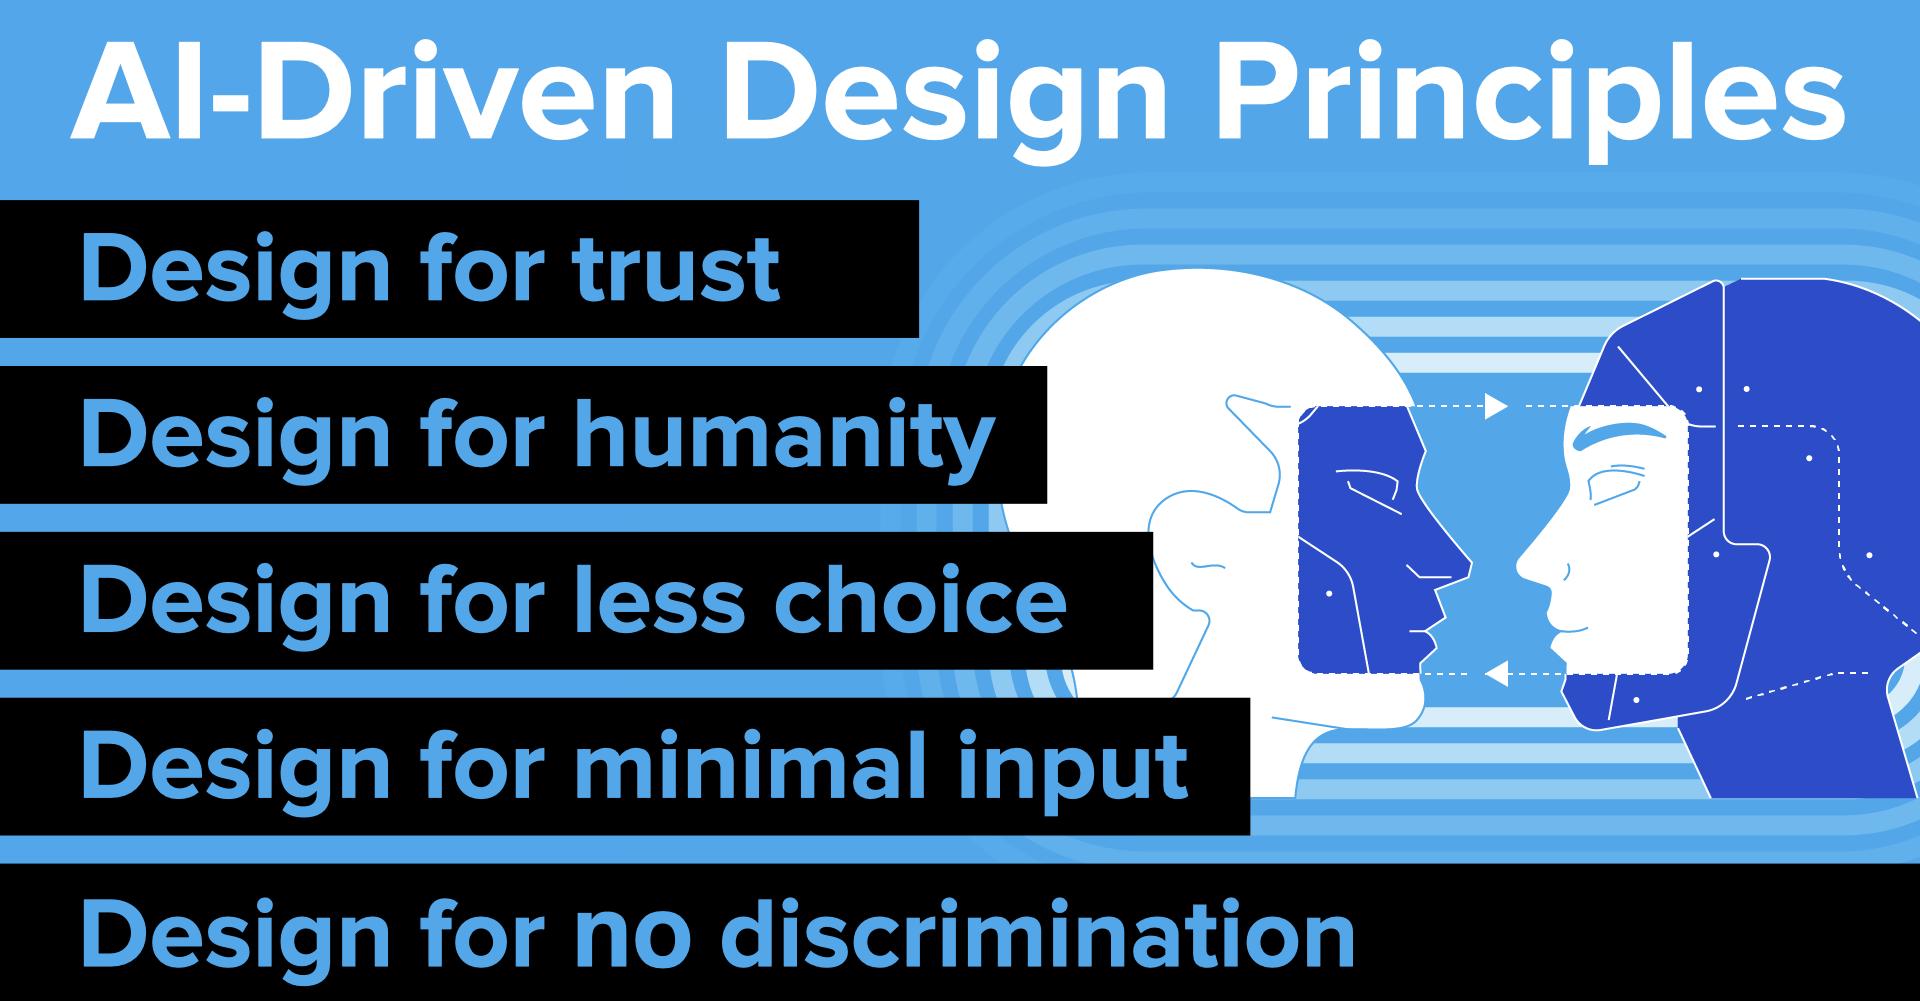 A list of AI-driven design principles